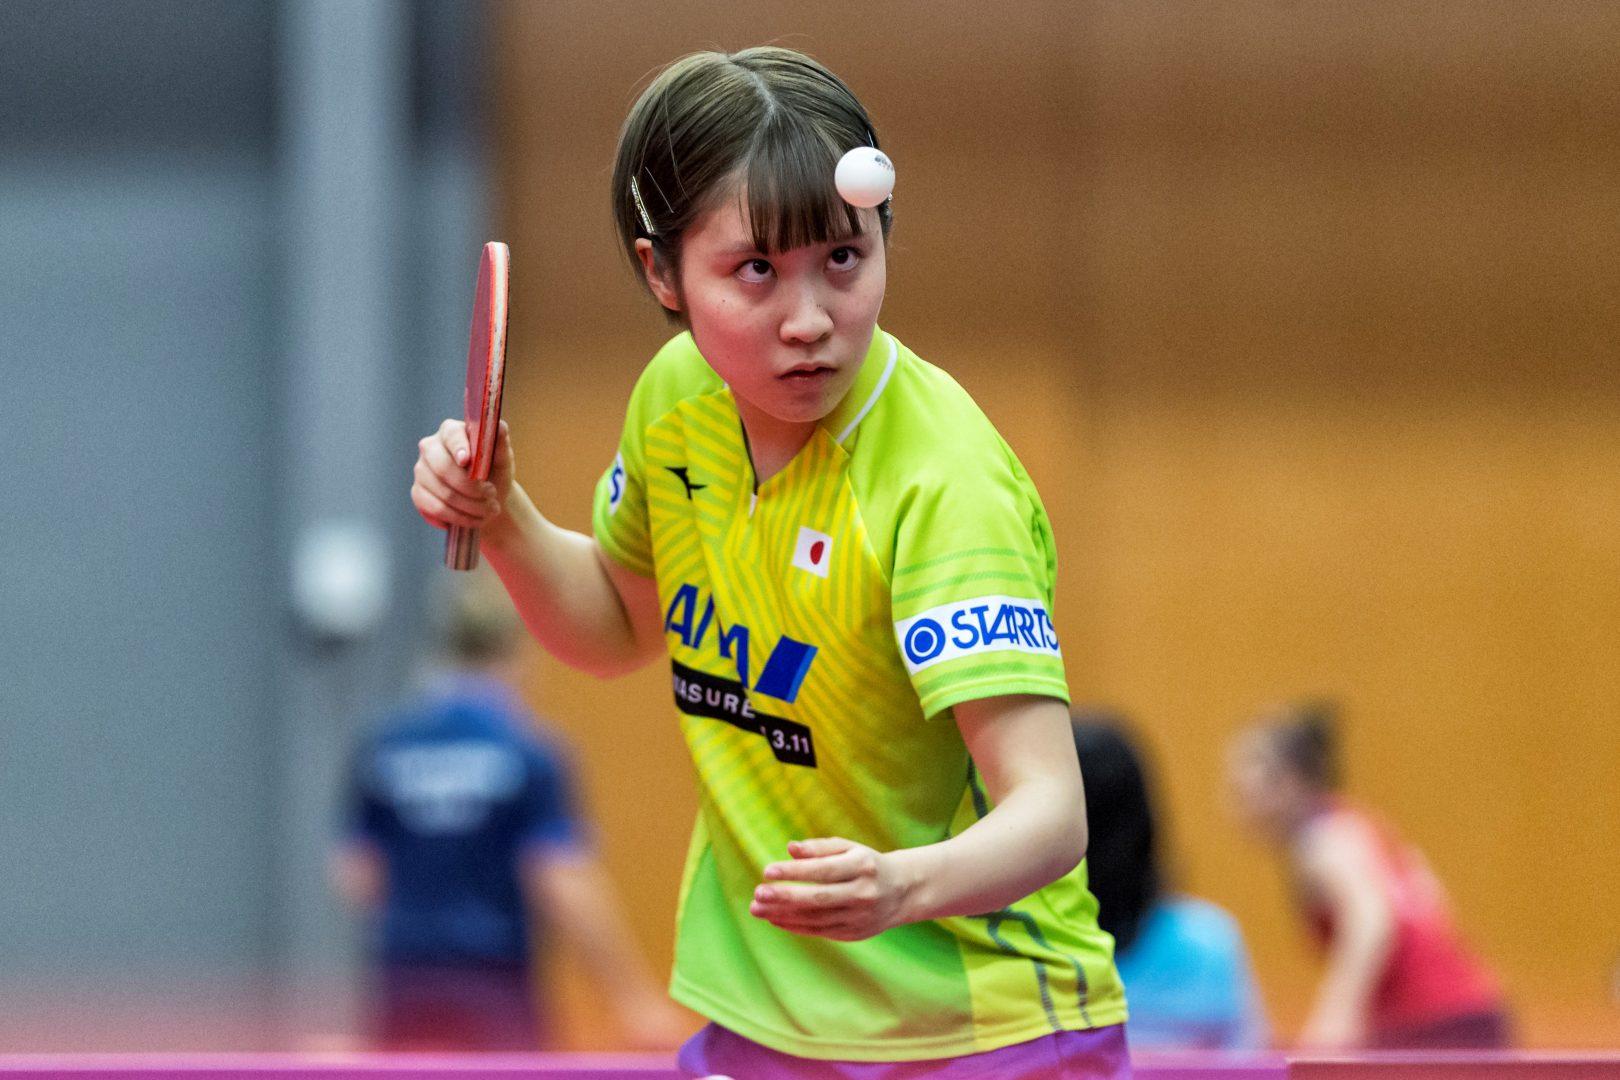 世界卓球選考会を兼ねた賞金総額1520万円のトーナメントが開幕<ジャパントップ12・見どころ>